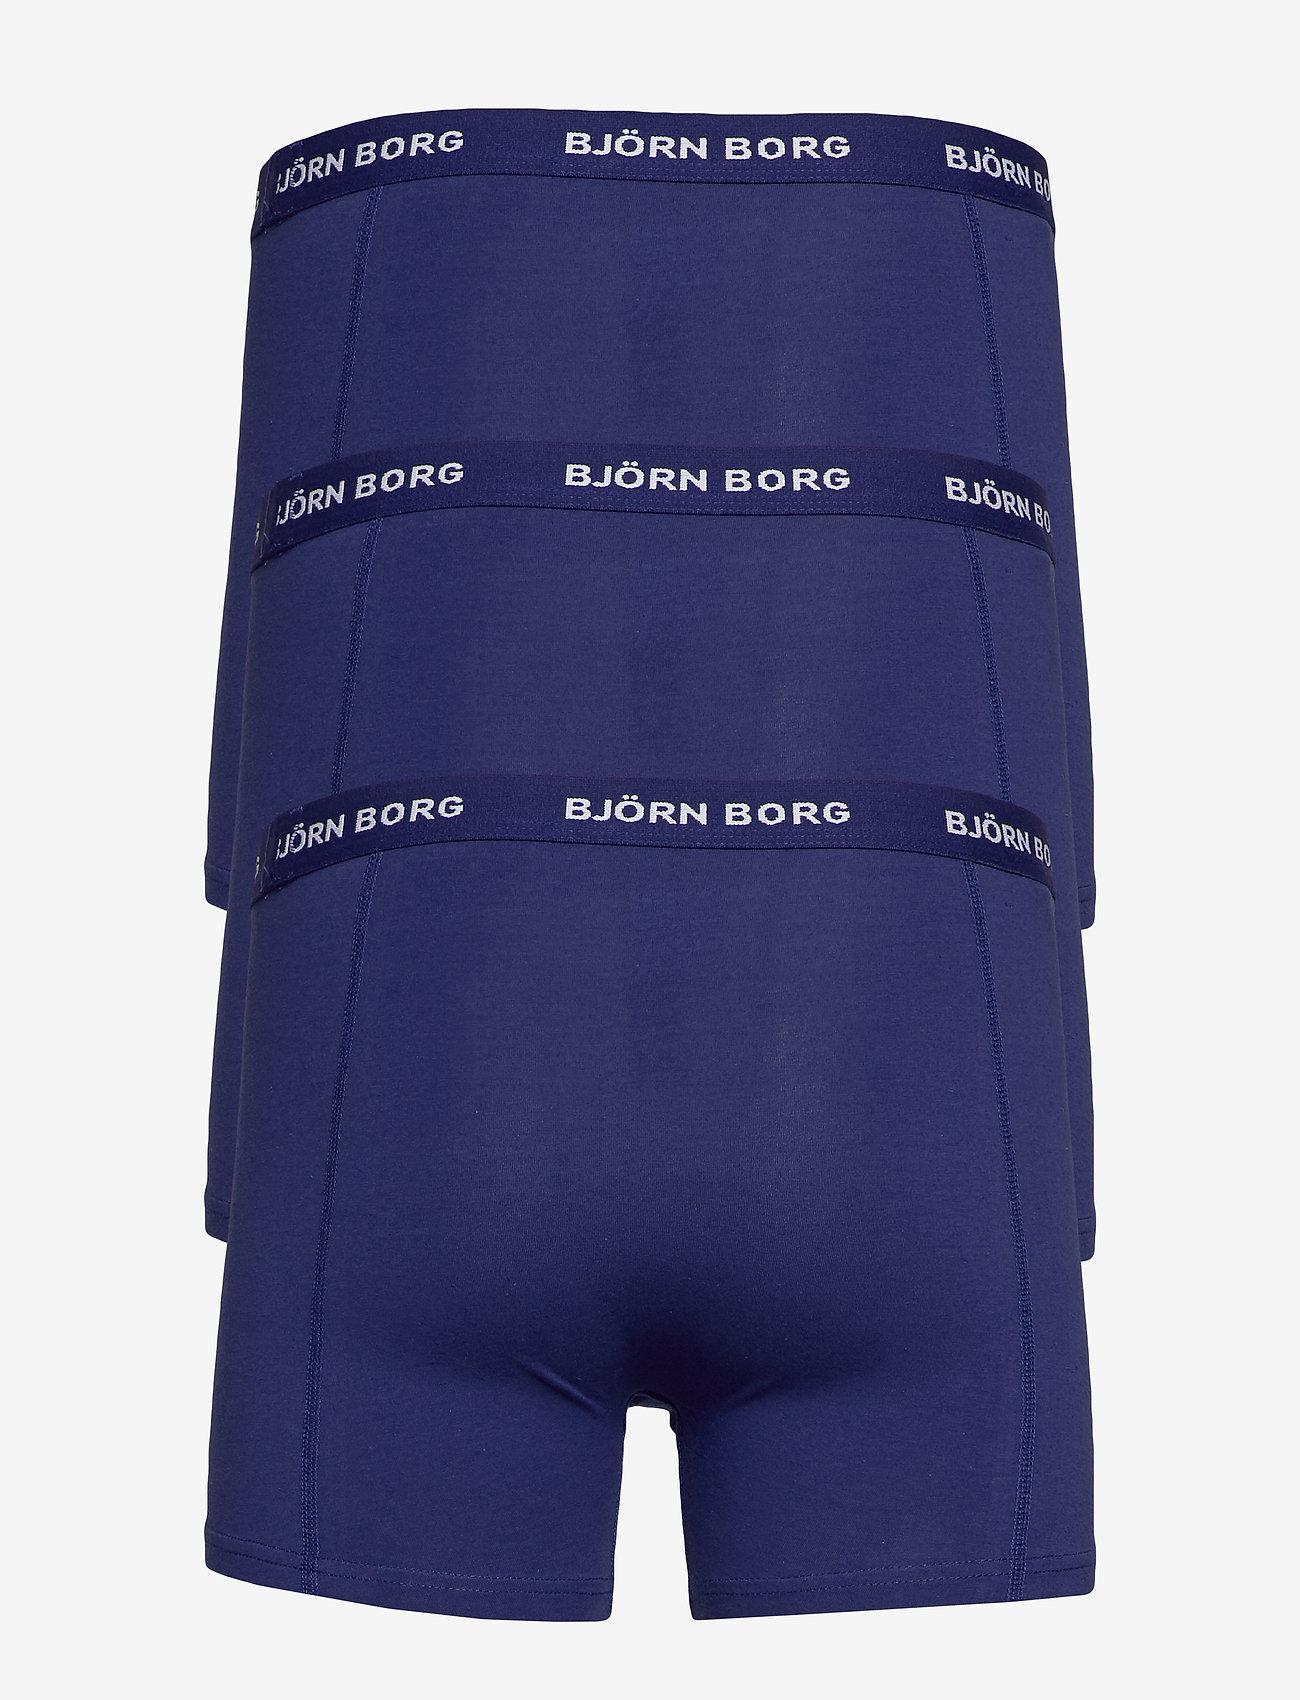 Björn Borg - SHORTS SAMMY SOLID - underwear - new - 1